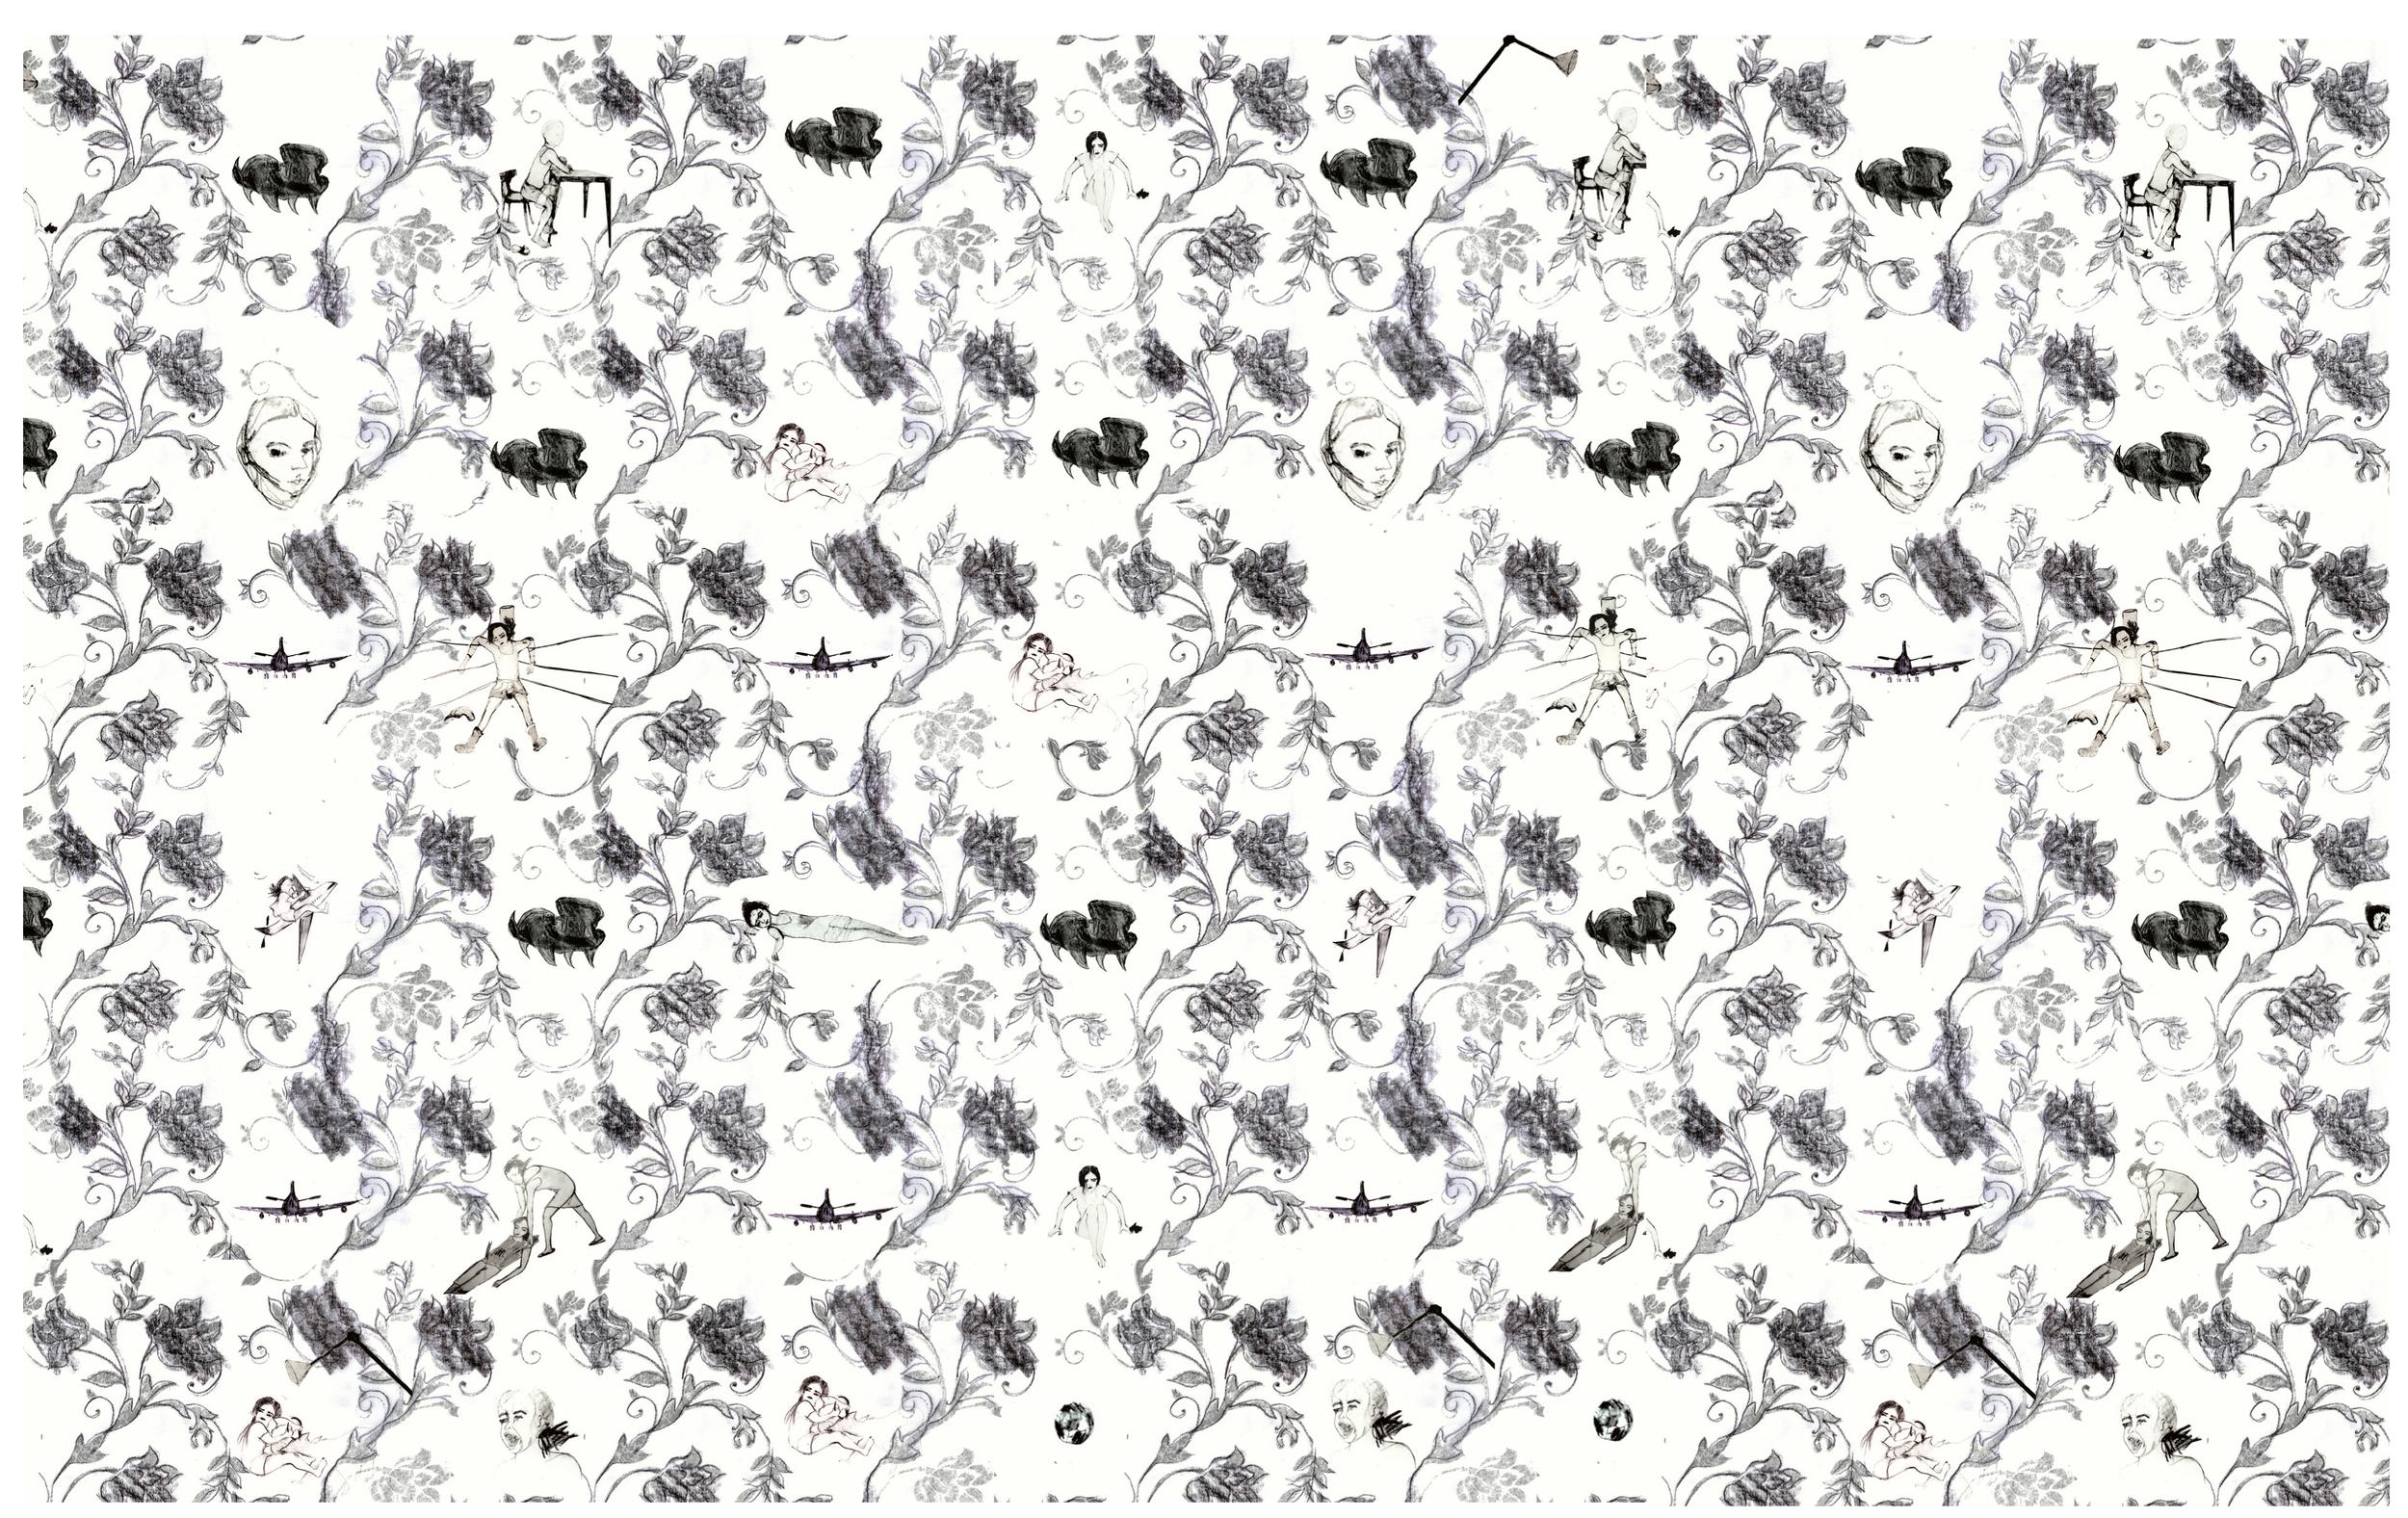 Wall Paper (A Tribute to Basma Al Khatib and Roald Dahl), mixed media on paper, 300 x 470 cm, 2012